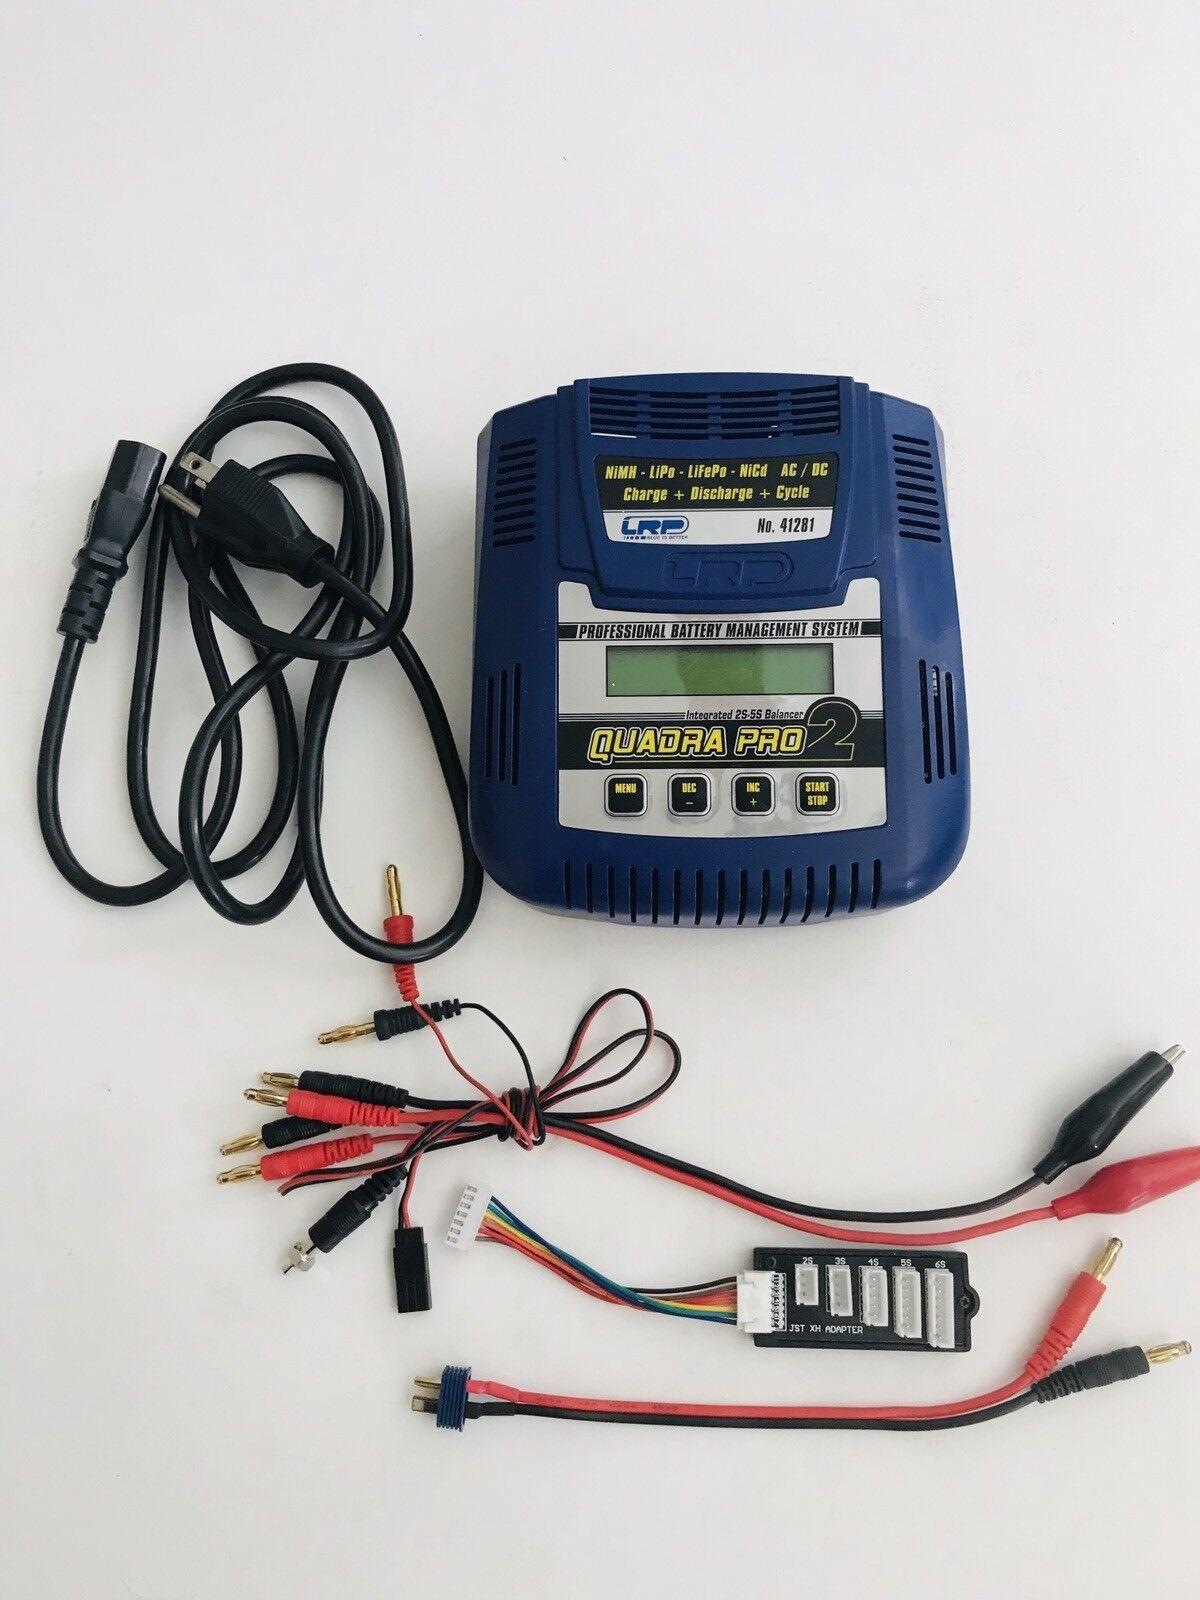 LRP QUADRA Pro-2 Profesional Batería Cargador lithium-ion polímero-NiCd-NiMH-LIFe